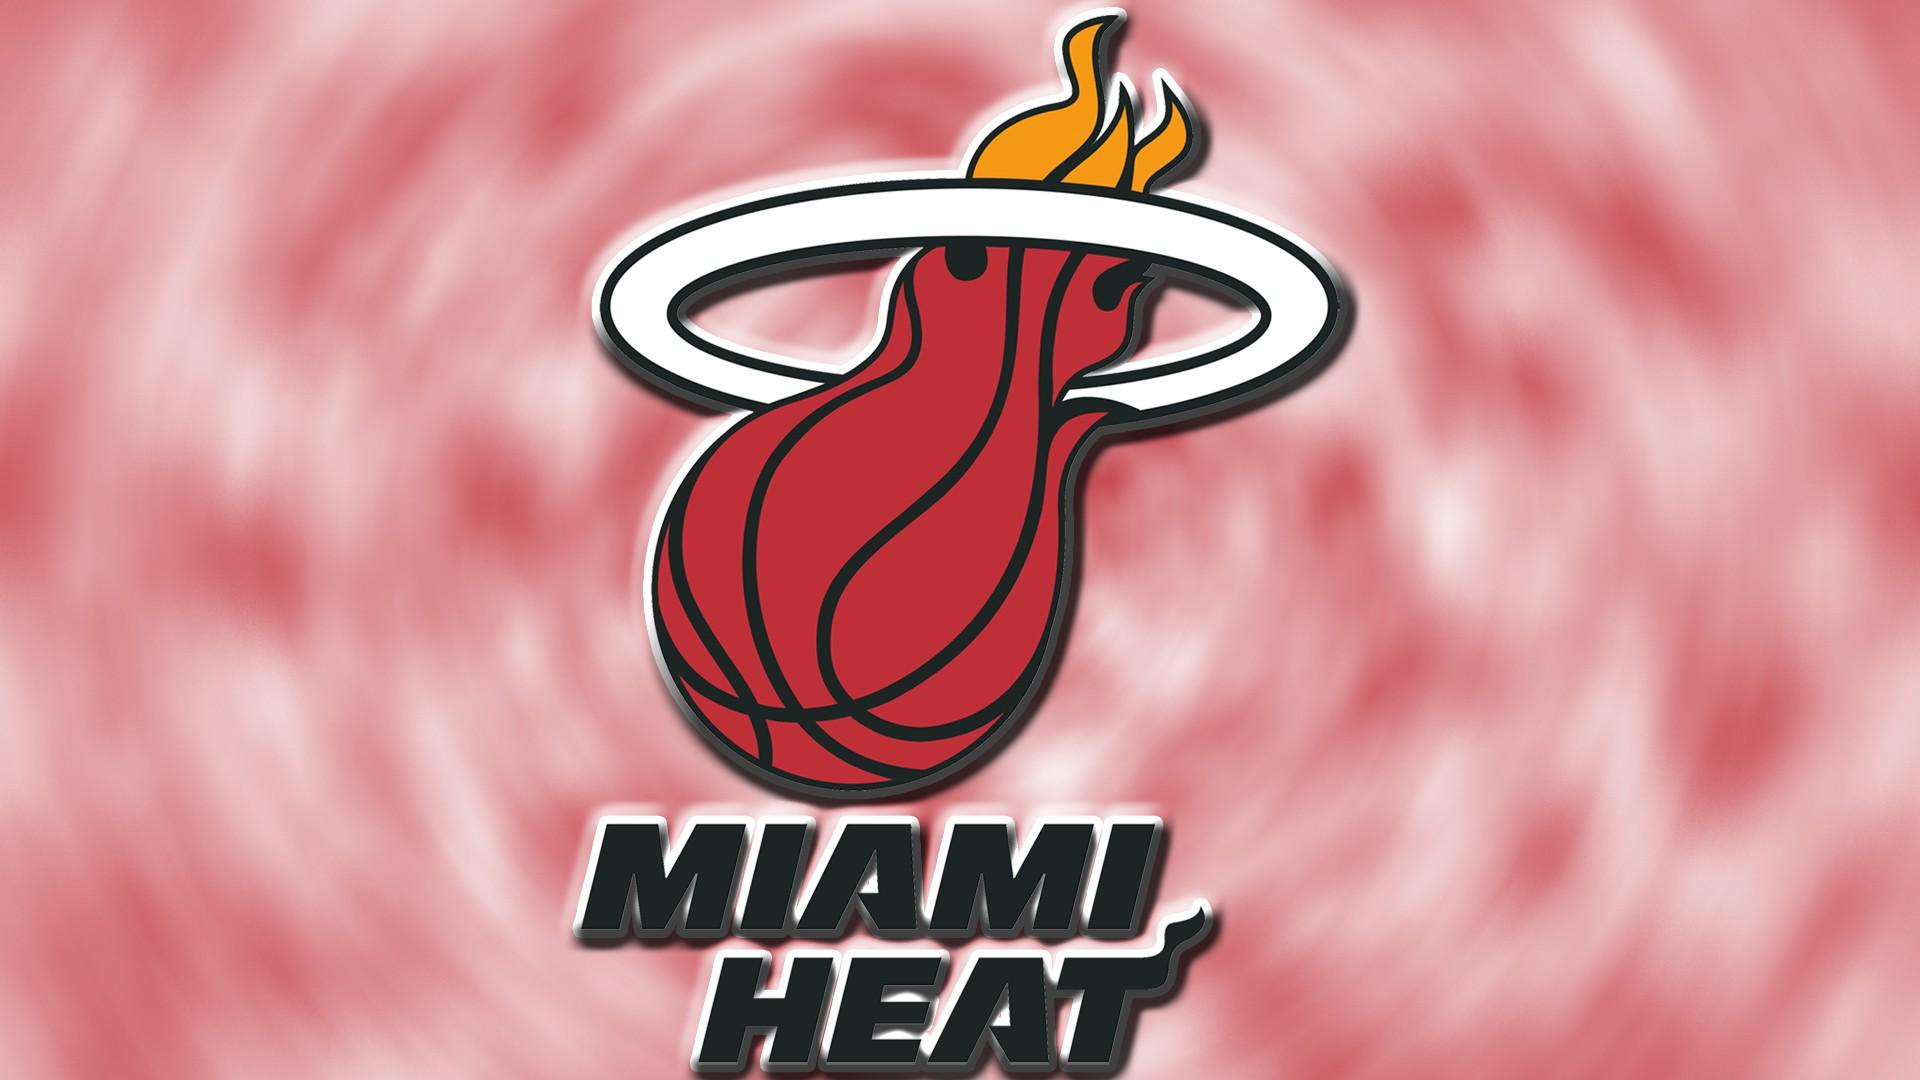 Miami Heat 1920x1080